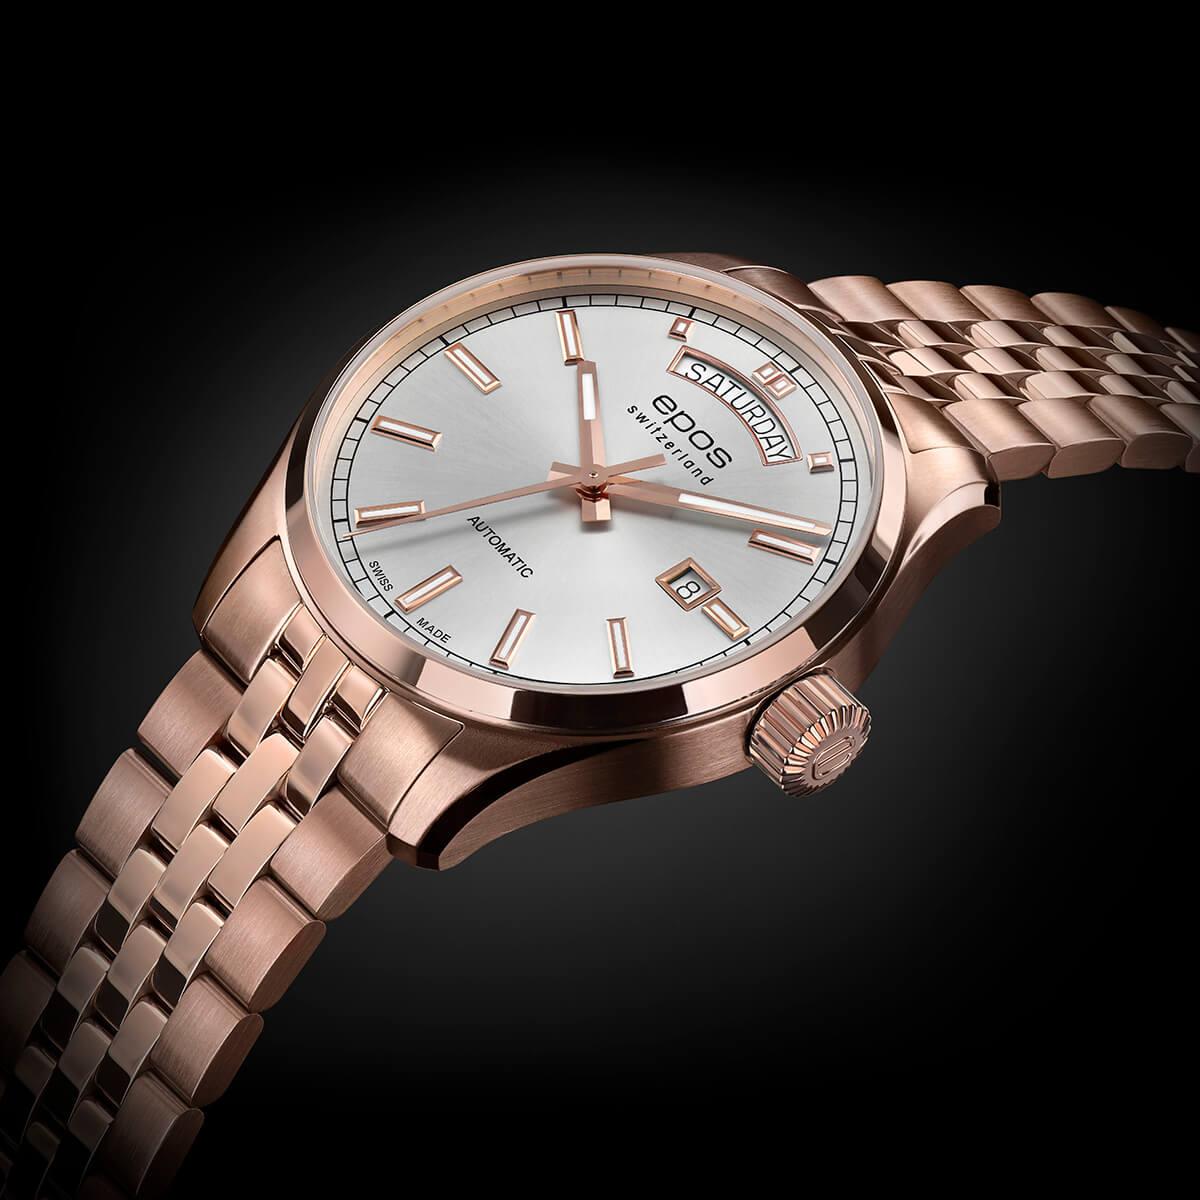 3501.142.24.98.34 zegarek męski Passion